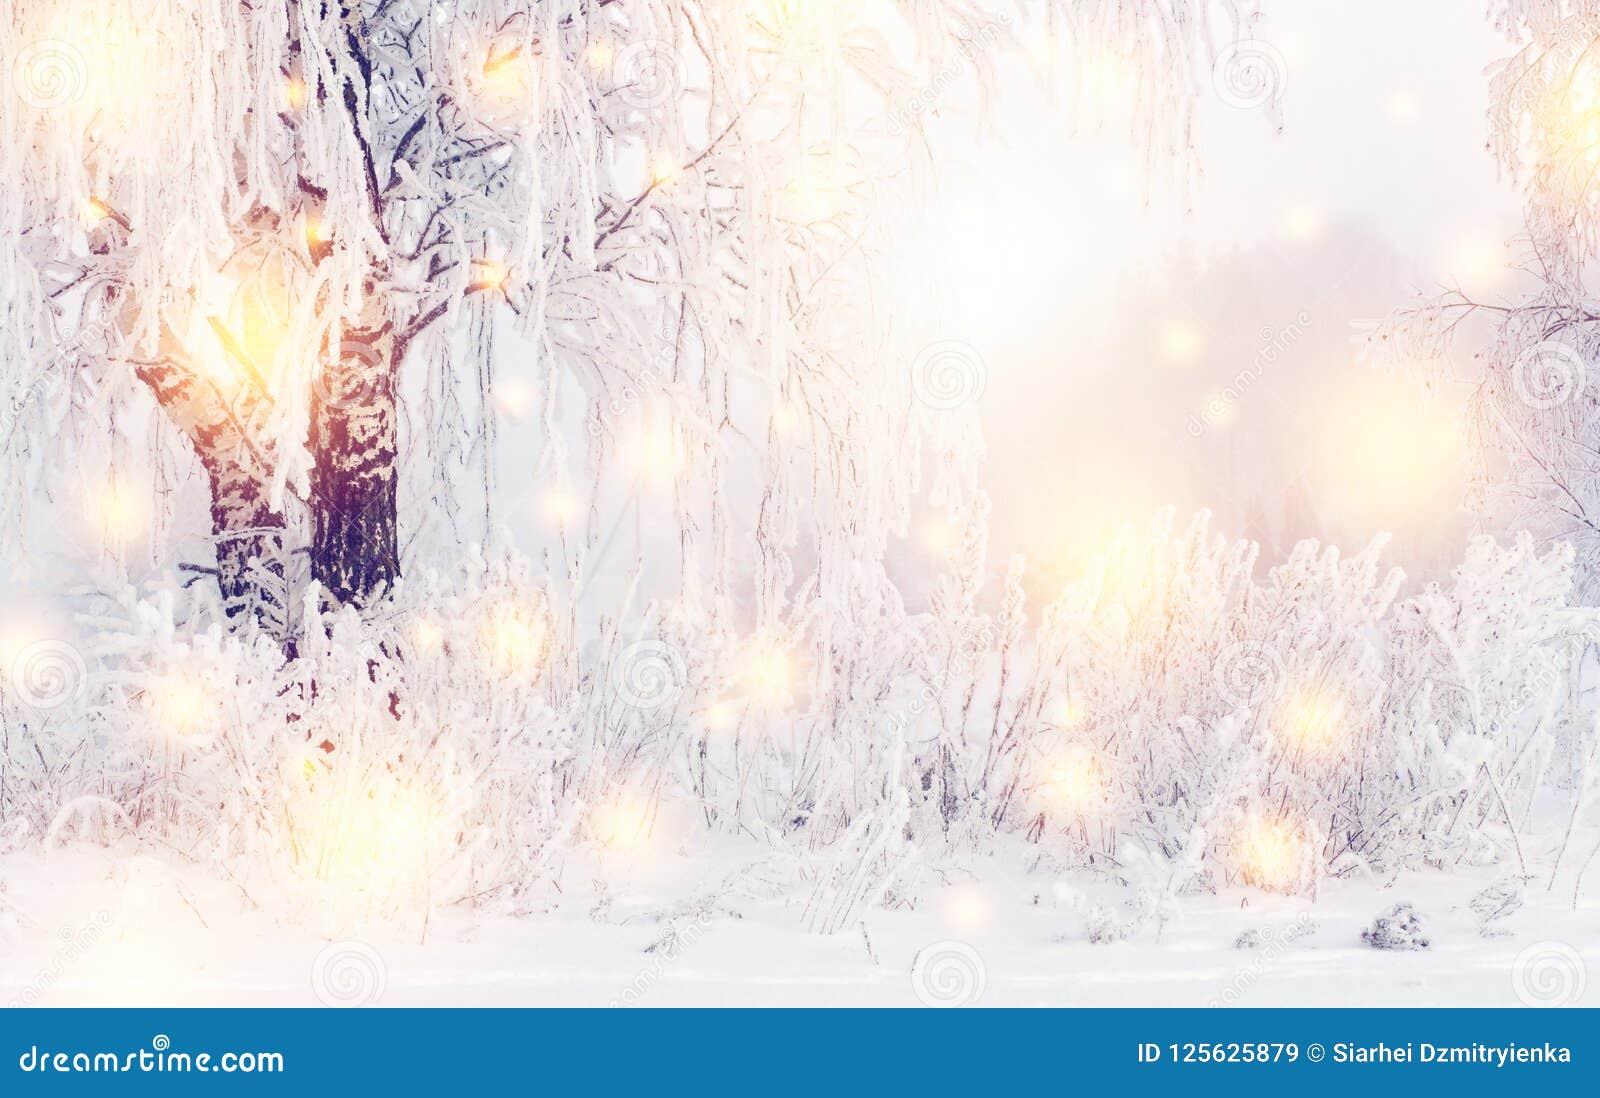 Magischer Weihnachtswinterhintergrund Glänzende Schneeflocken und Winternatur mit Reif auf Bäumen Eisiger Winter